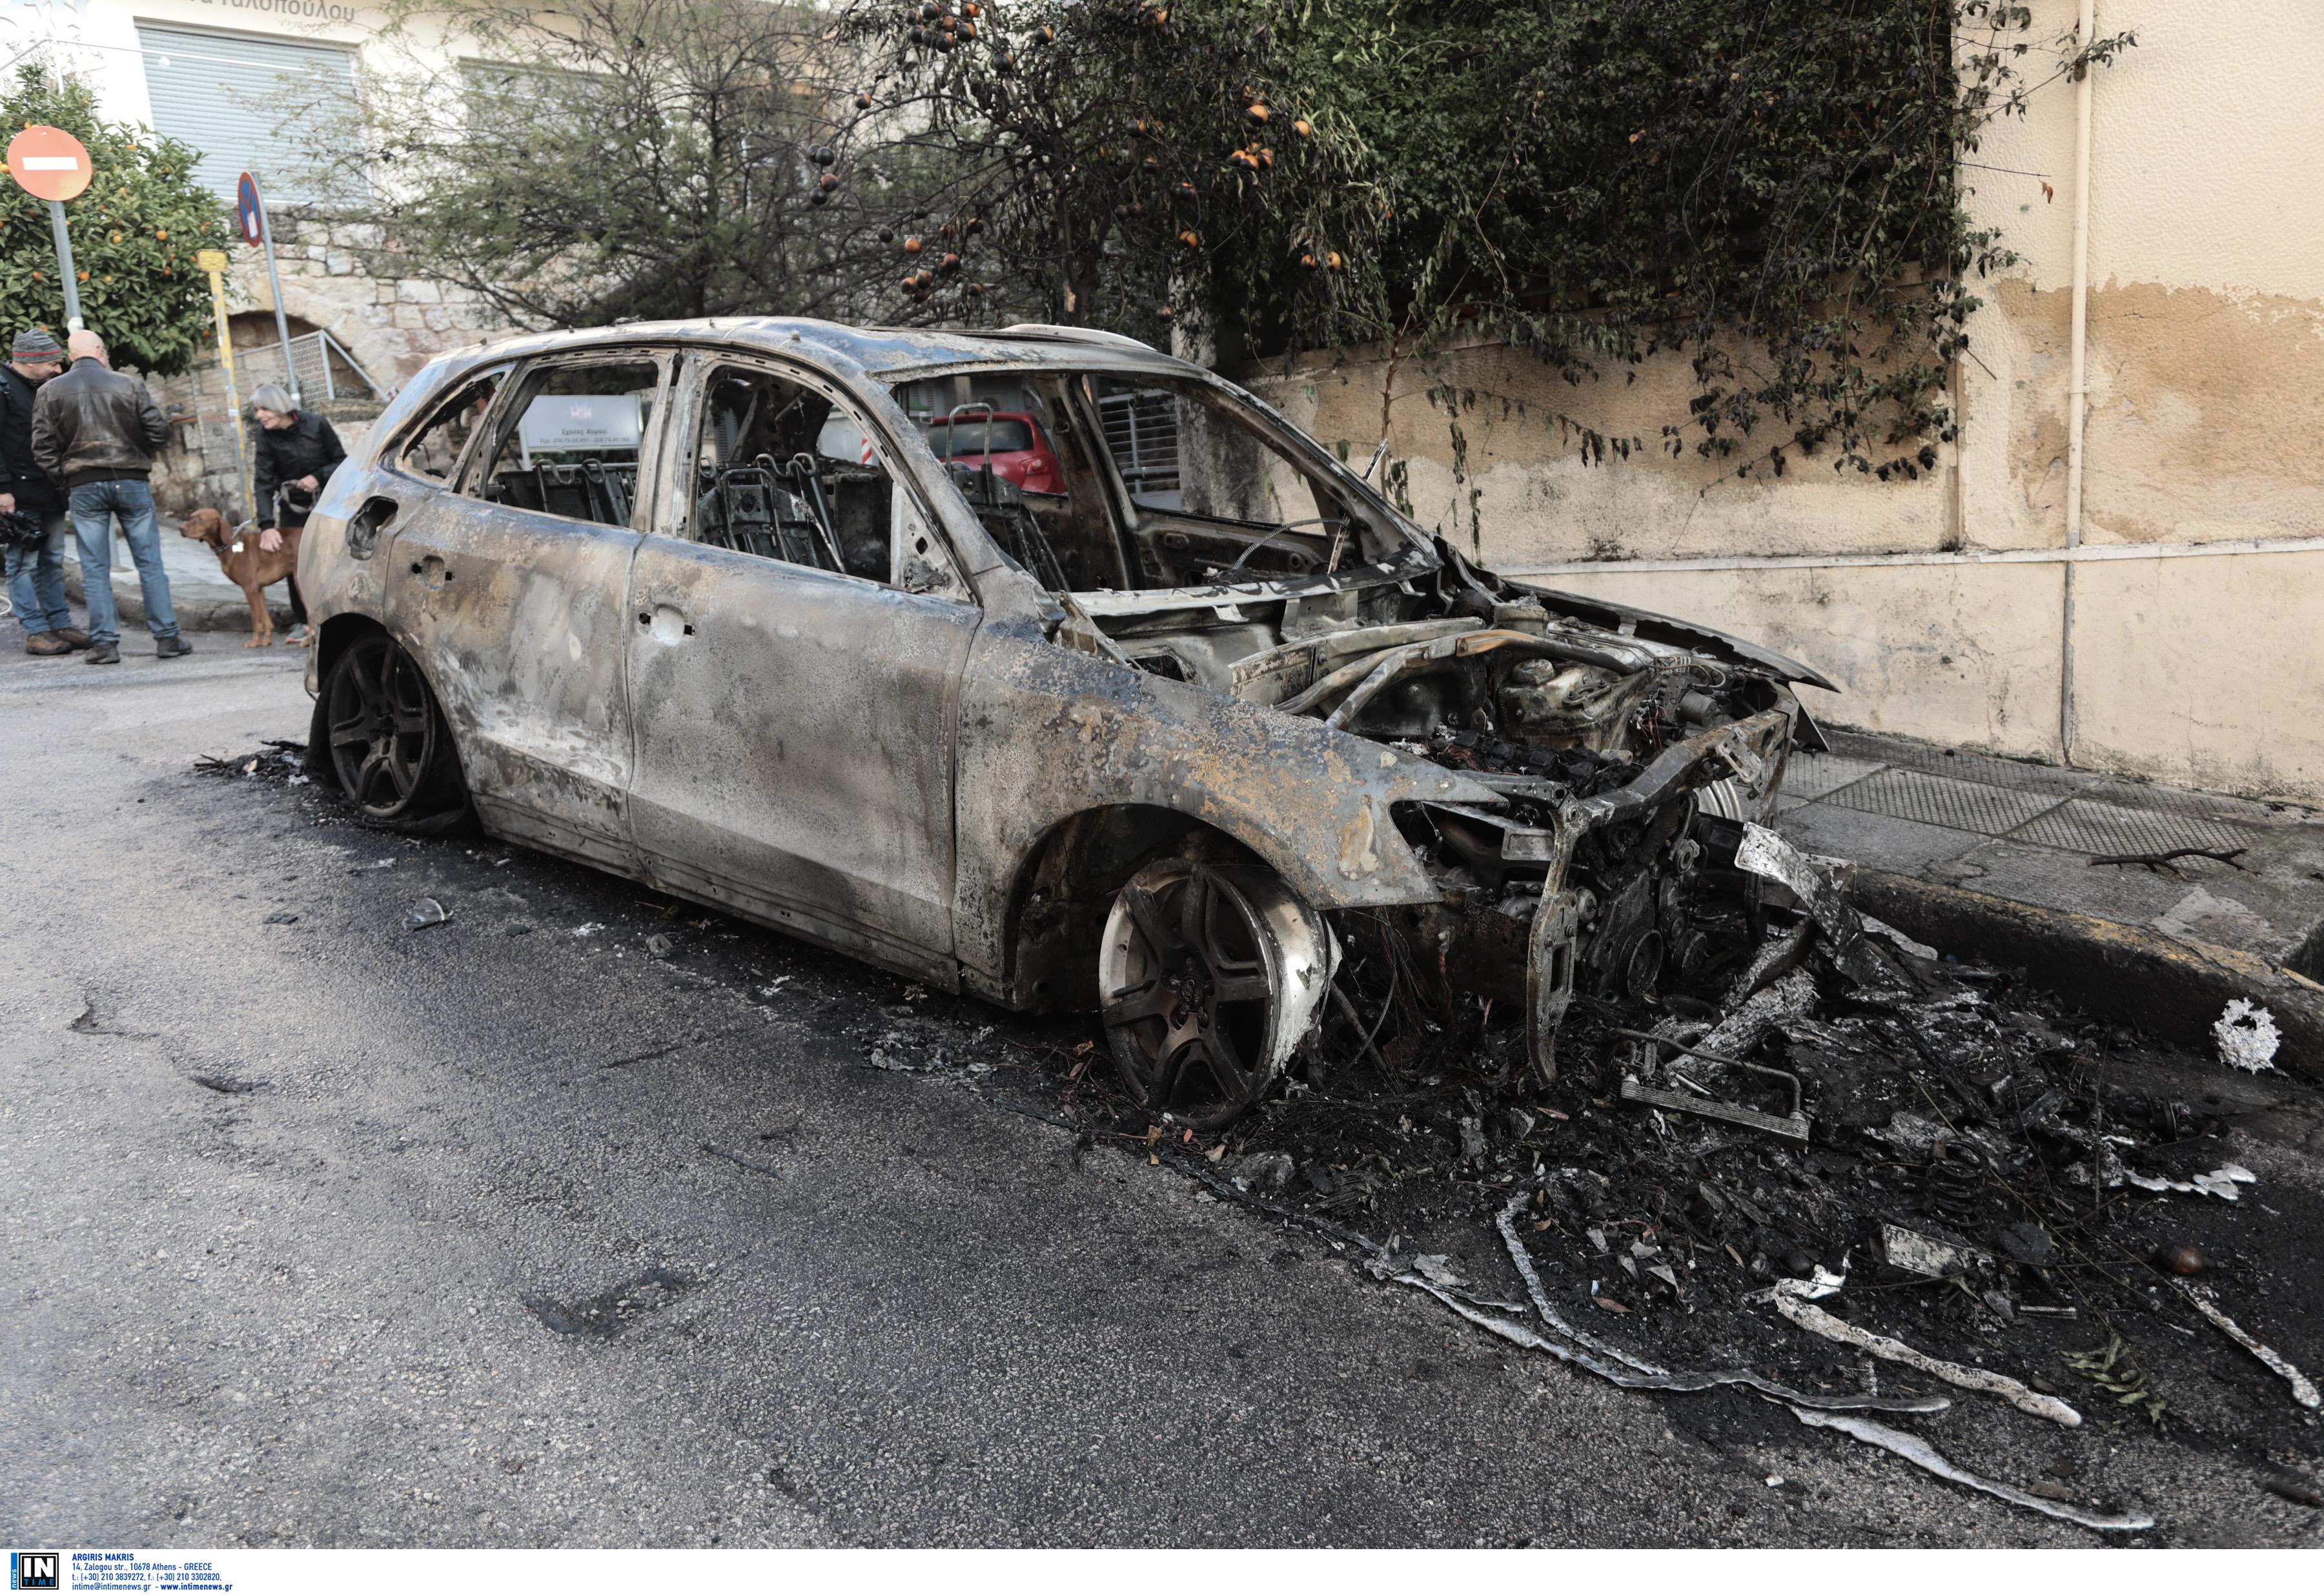 Κολωνάκι: Φωτιά σε 7 αυτοκίνητα κοντά στην Αμερικάνικη πρεσβεία